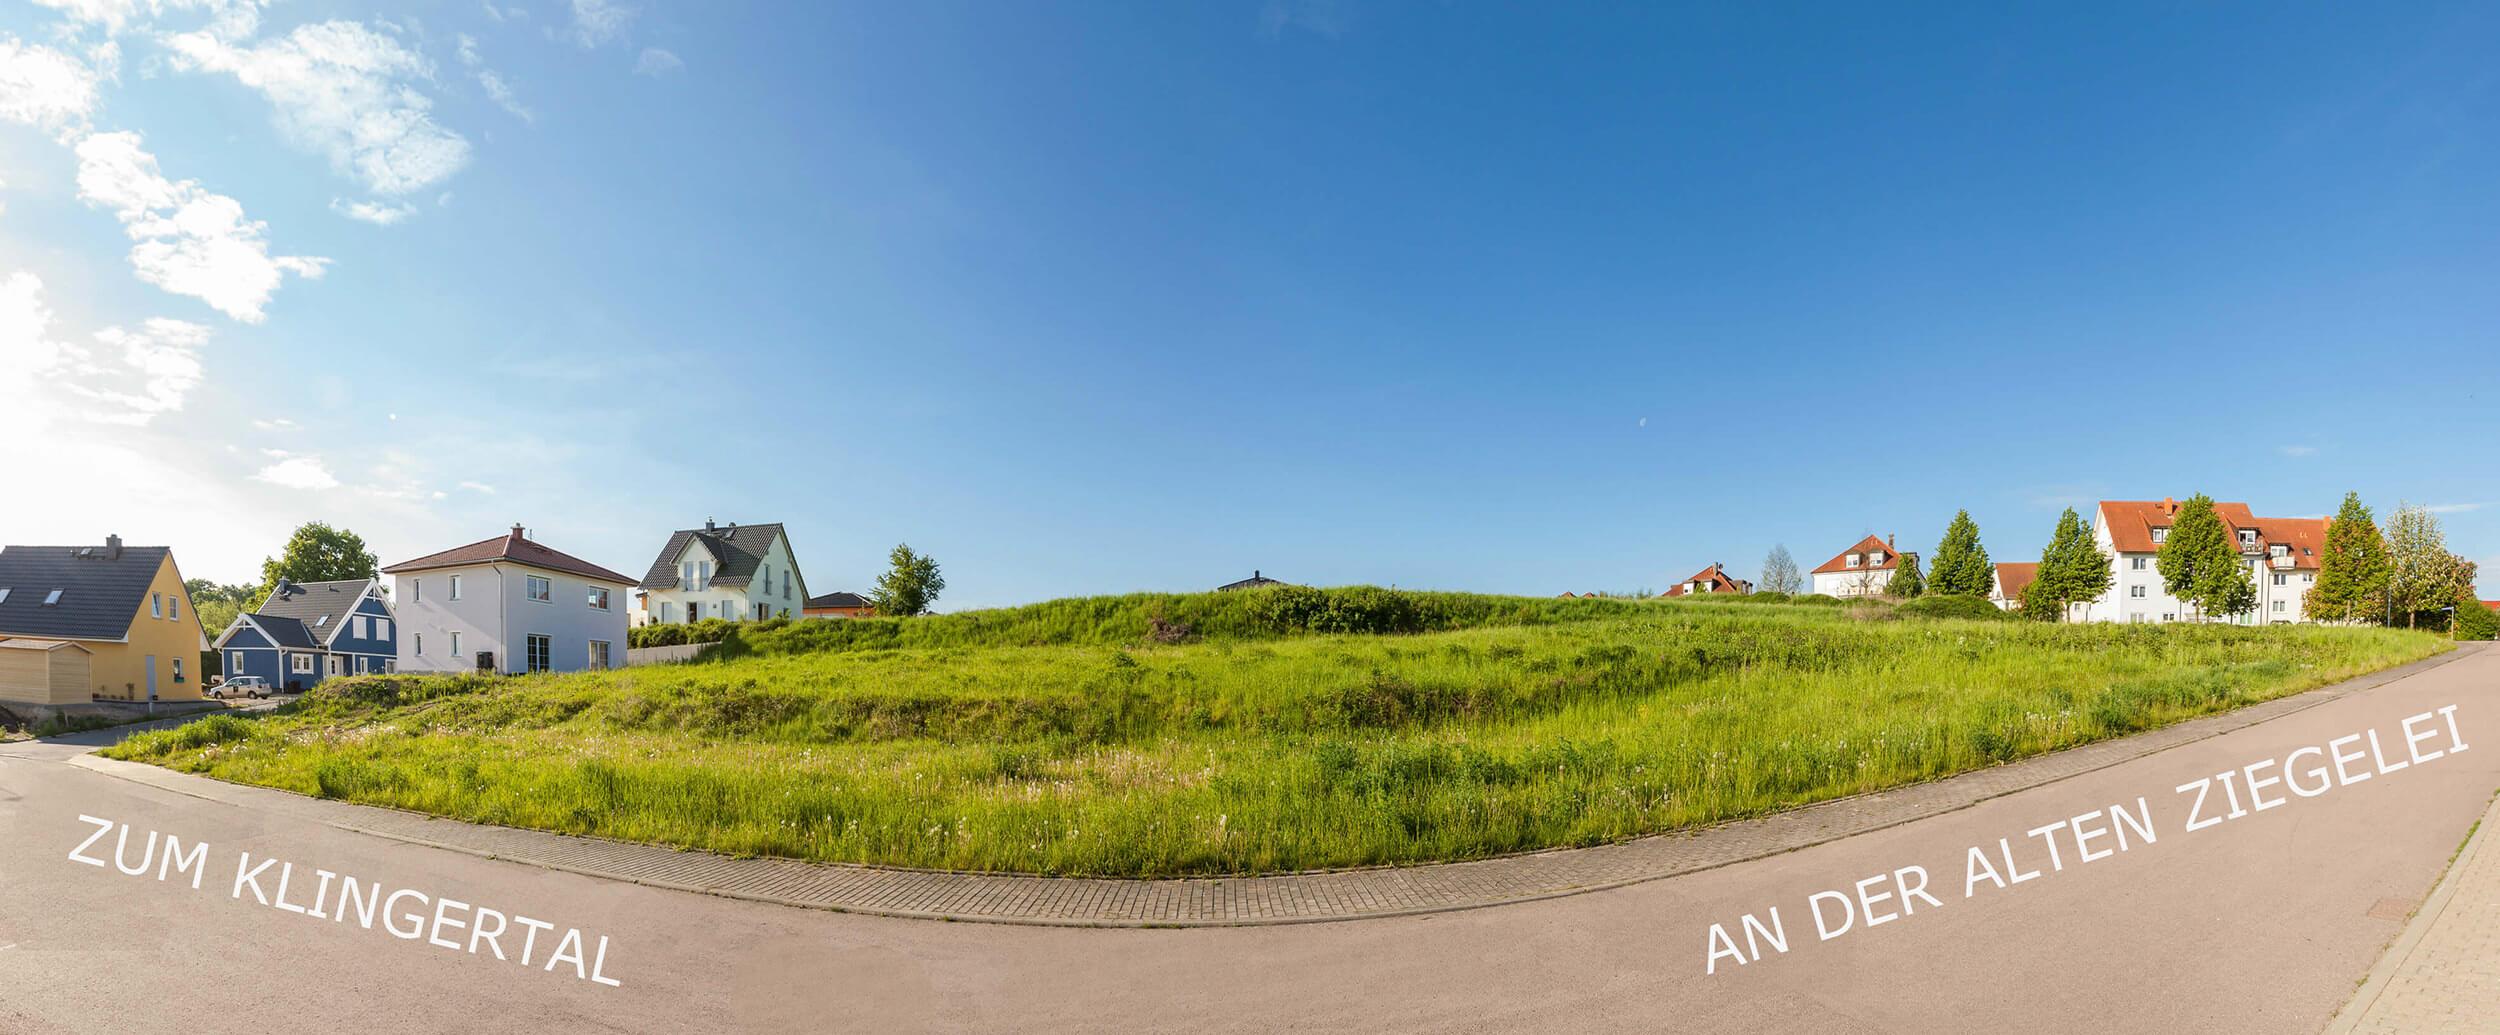 HvH_Stadtvilla-oben-links